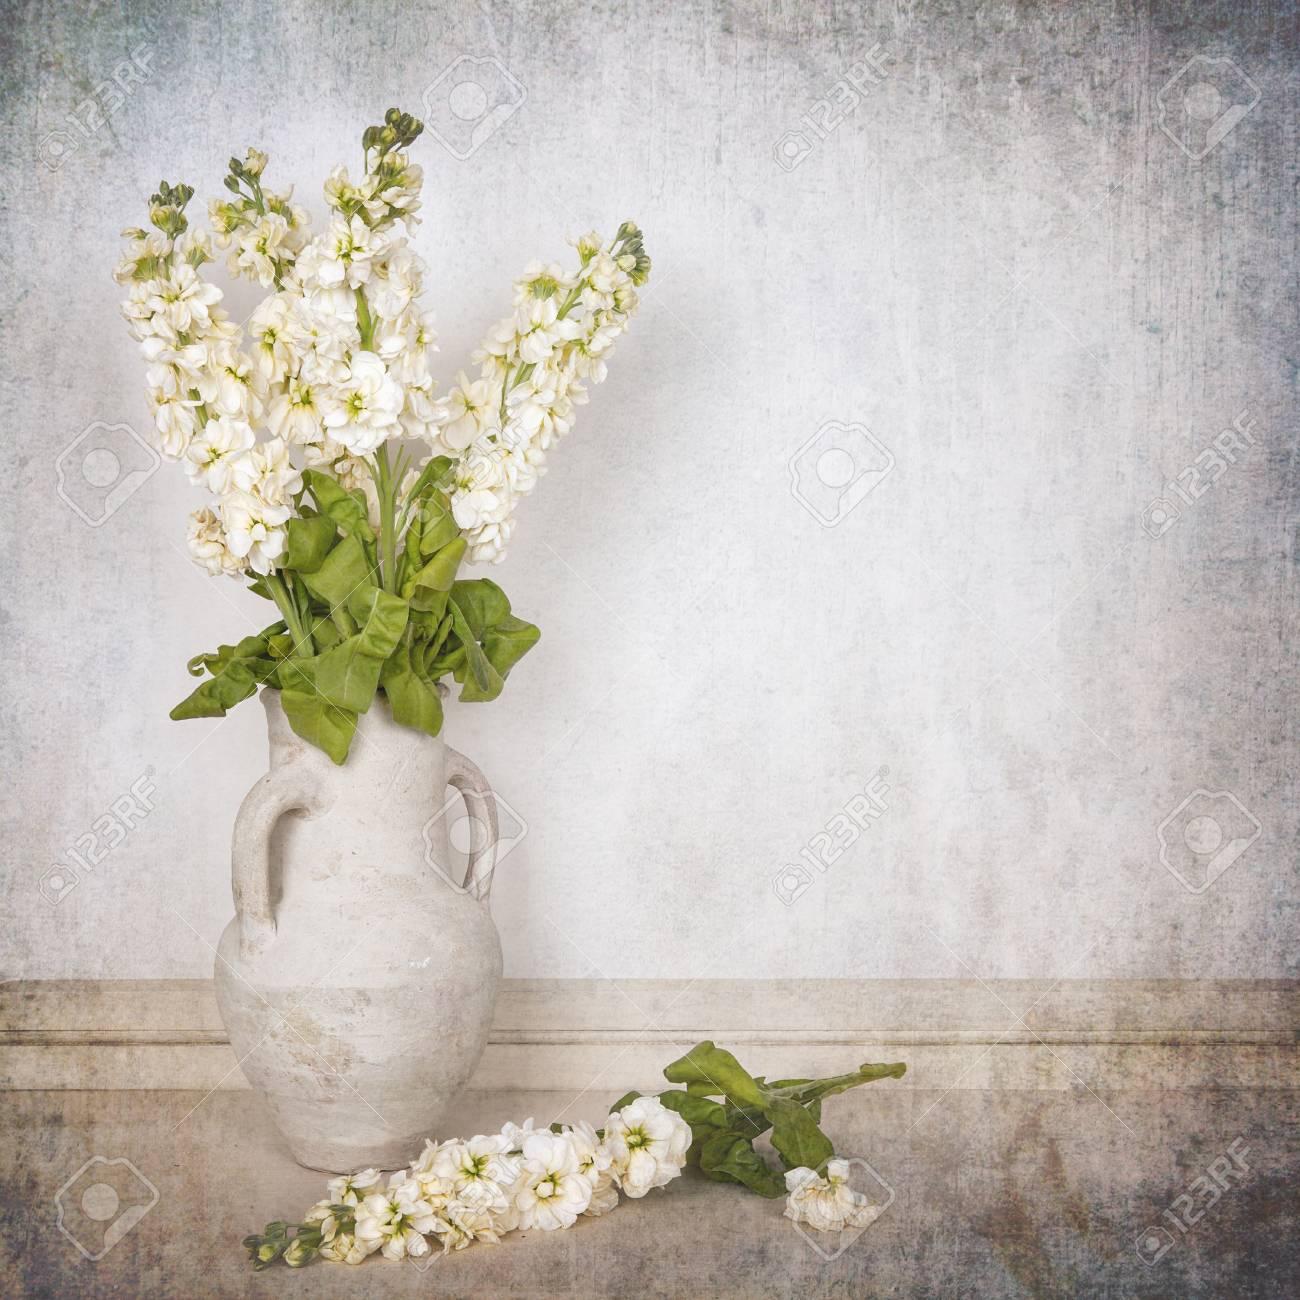 Immagini Stock Un Vaso Di Scorte Di Avorio Su Sfondo Bianco